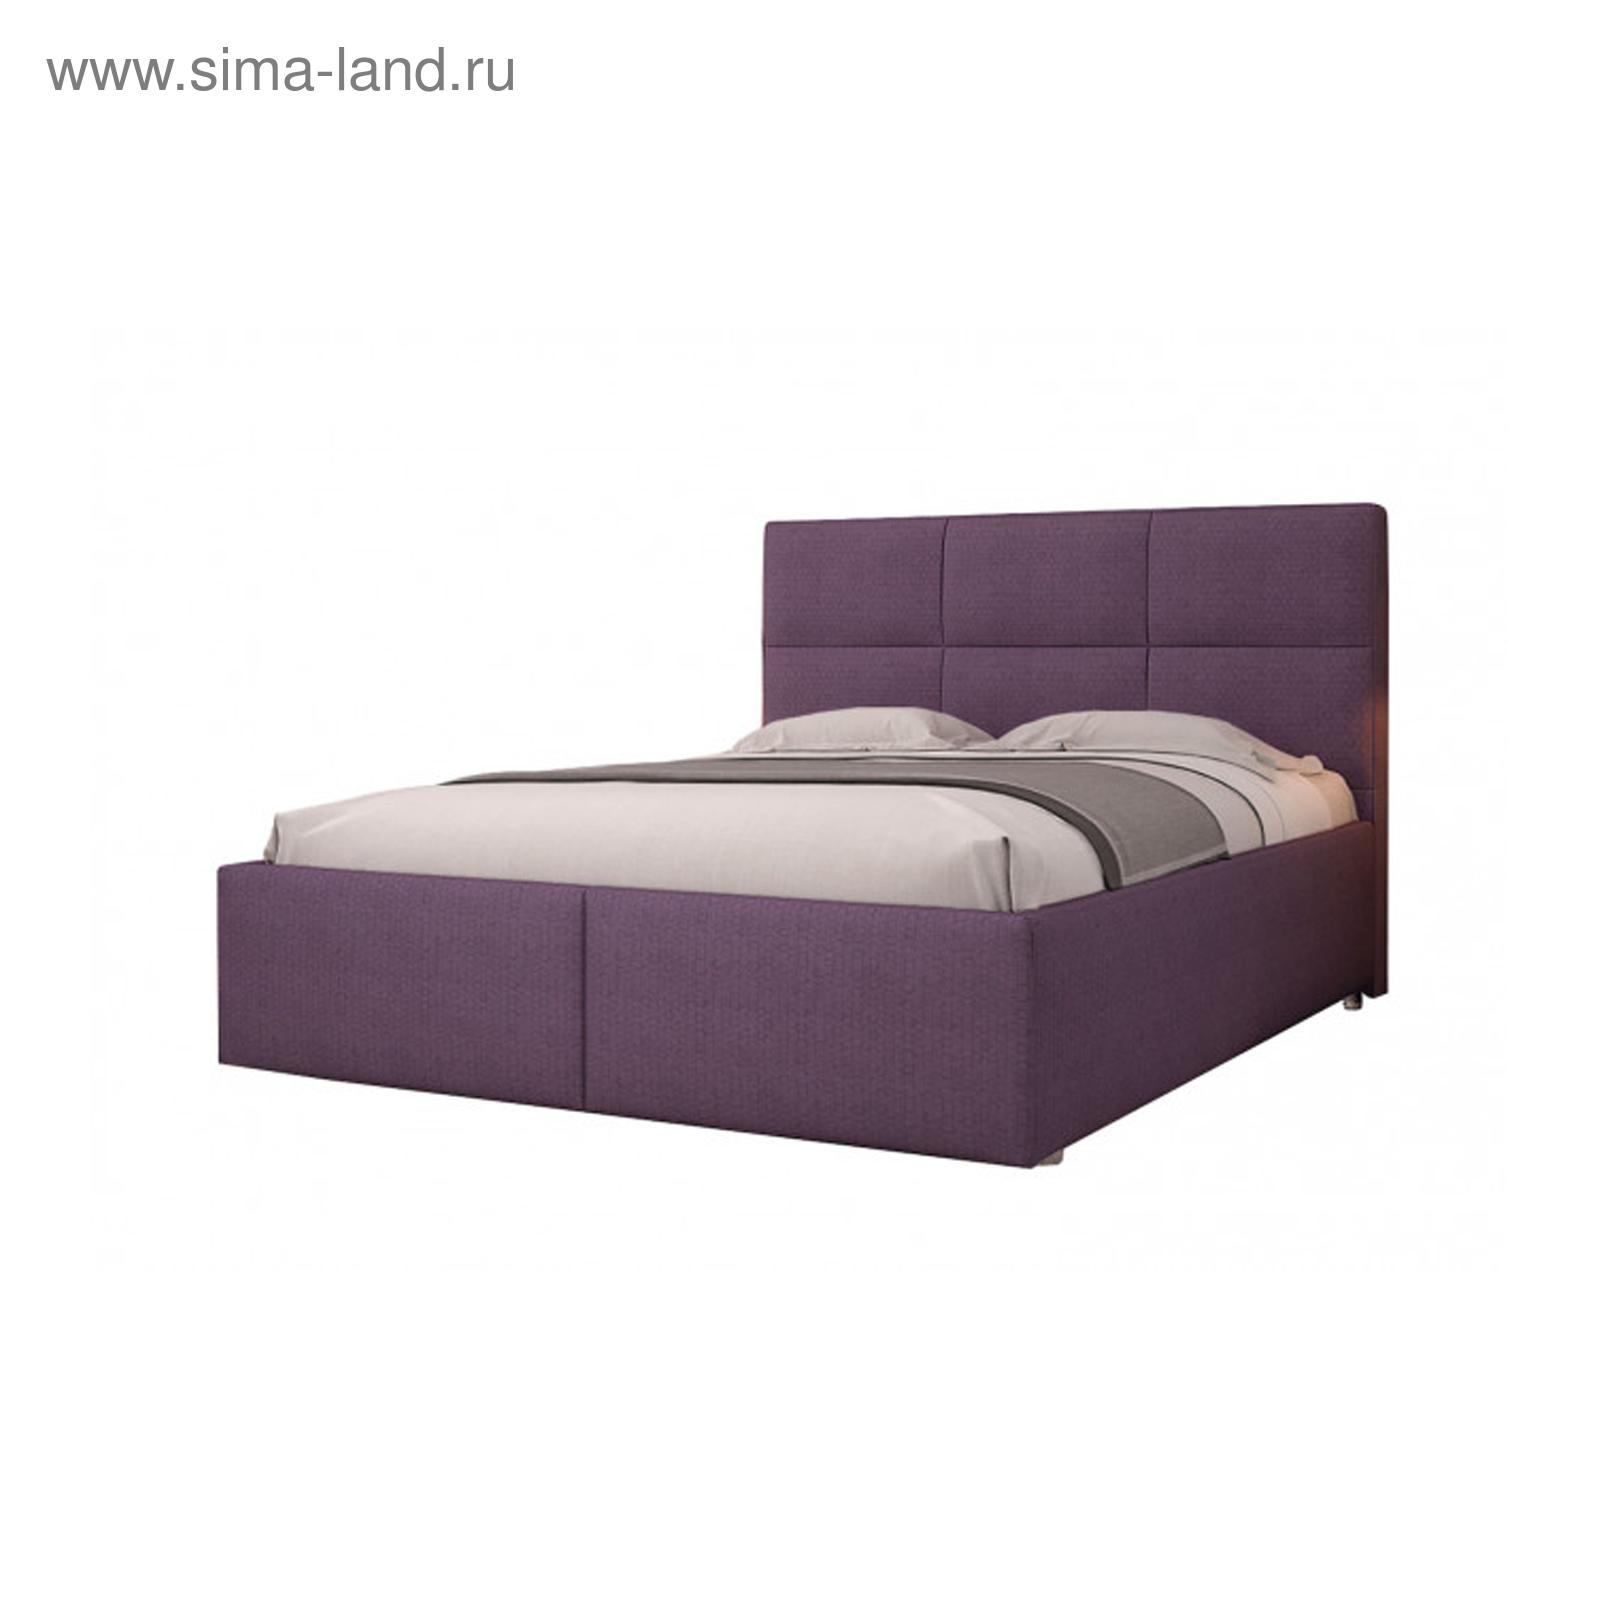 72ef92526 Кровать «Бруно», с подъёмным механизмом, 180 х 200 см, сиреневый ...